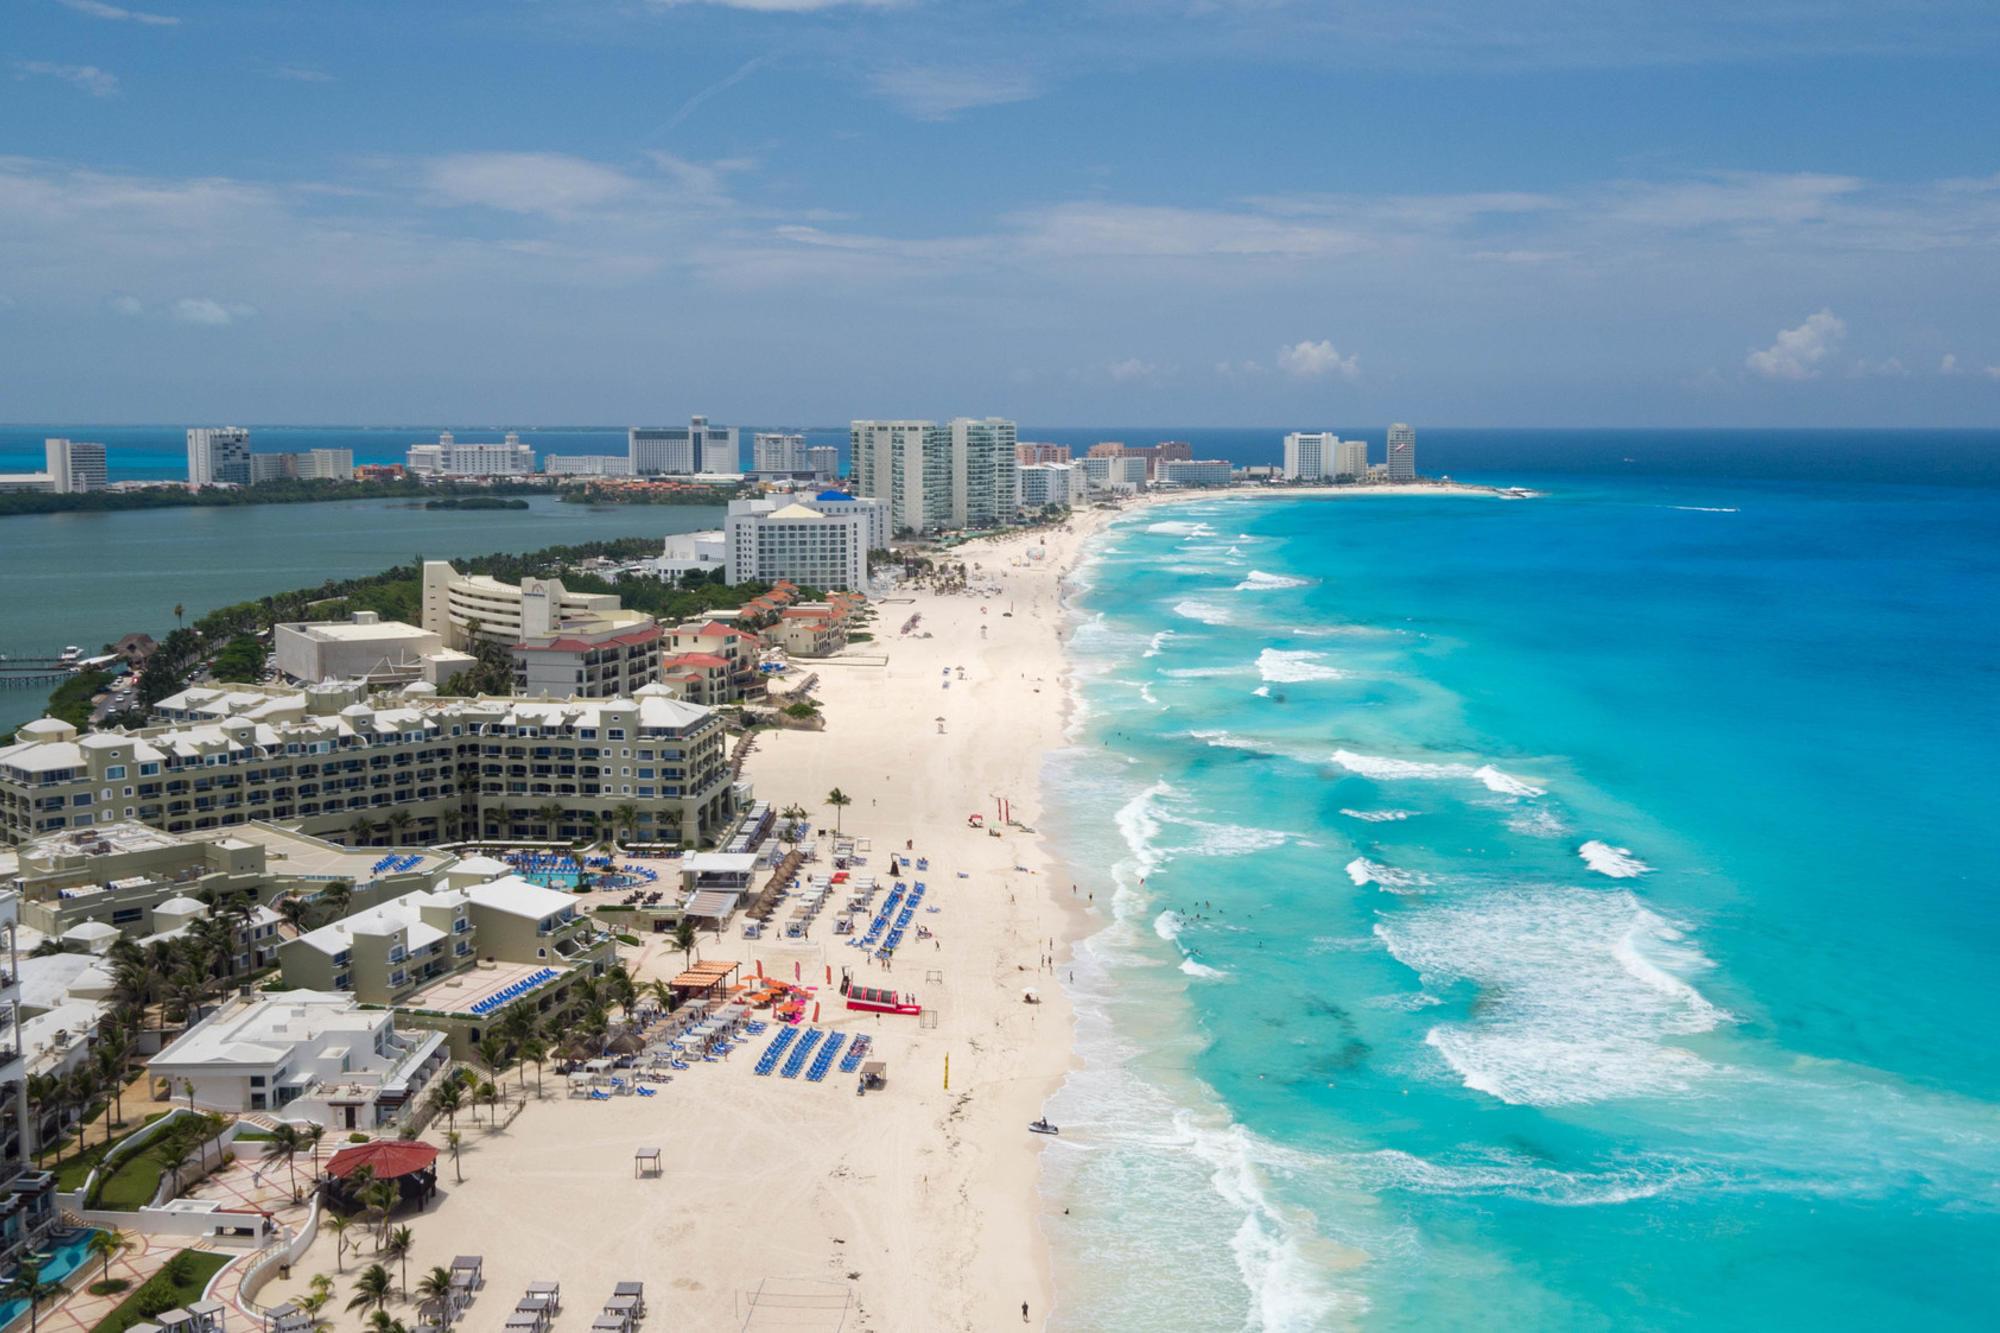 overhead view of Hyatt Zilara Cancun